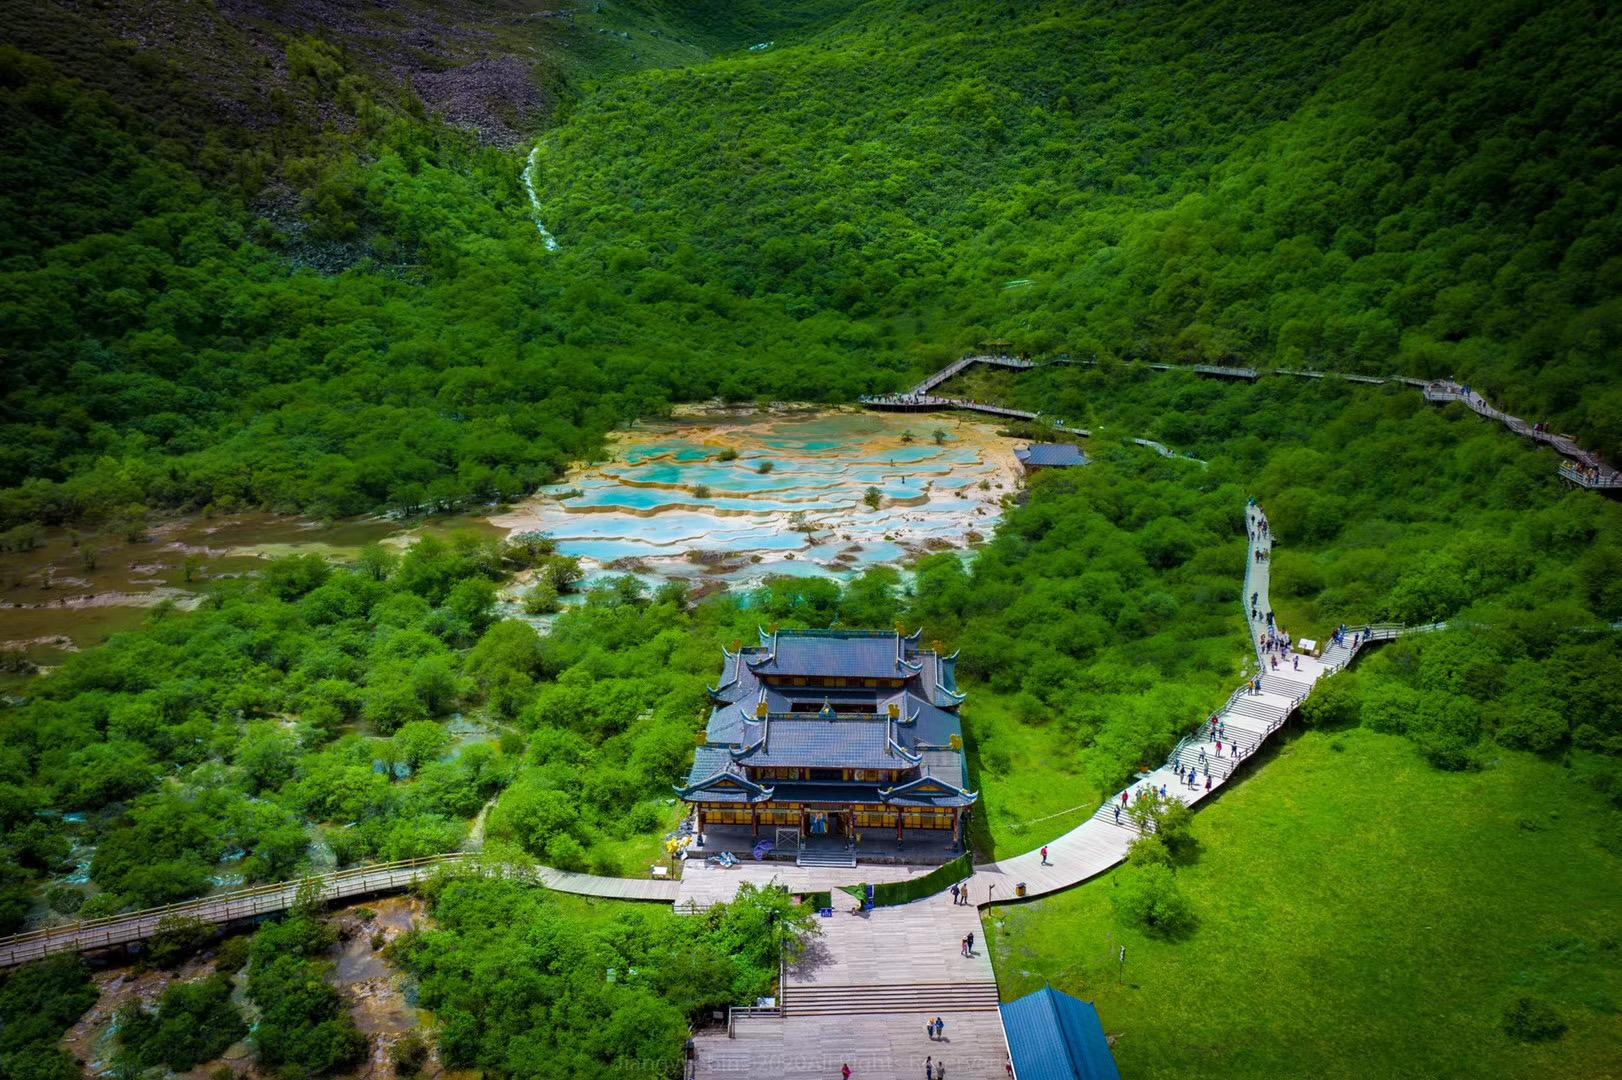 黄龙旅游推介会将于8月3日开幕 百企云集助力省际旅游复苏